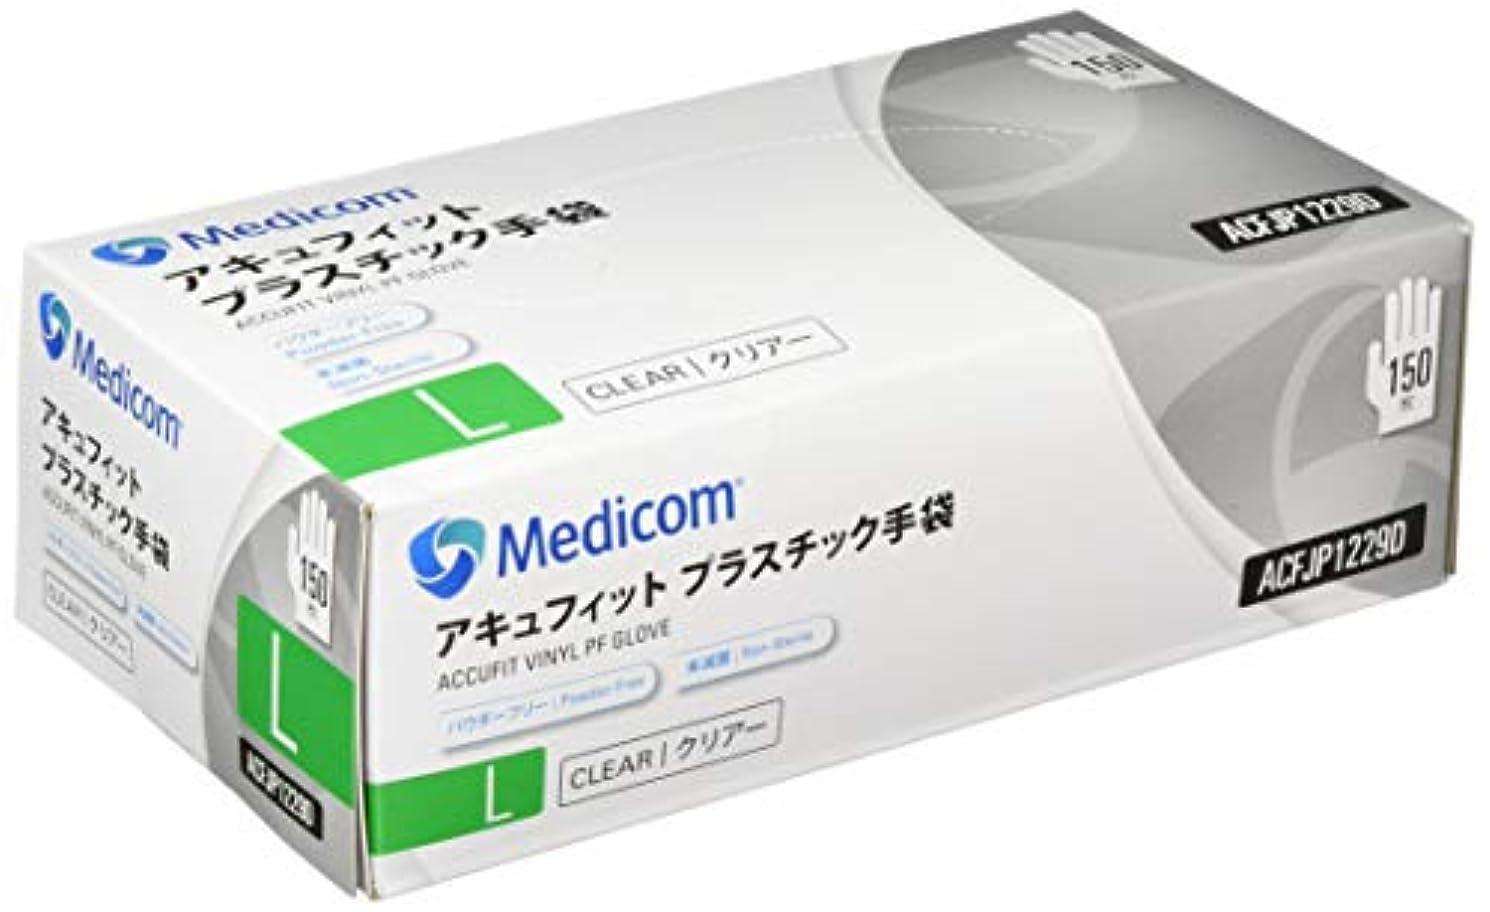 不足外国人鳴らす【Amazon.co.jp 限定】ACFJP1229D アキュフィット プラスチック手袋 パウダーフリー 150枚入 Lサイズ